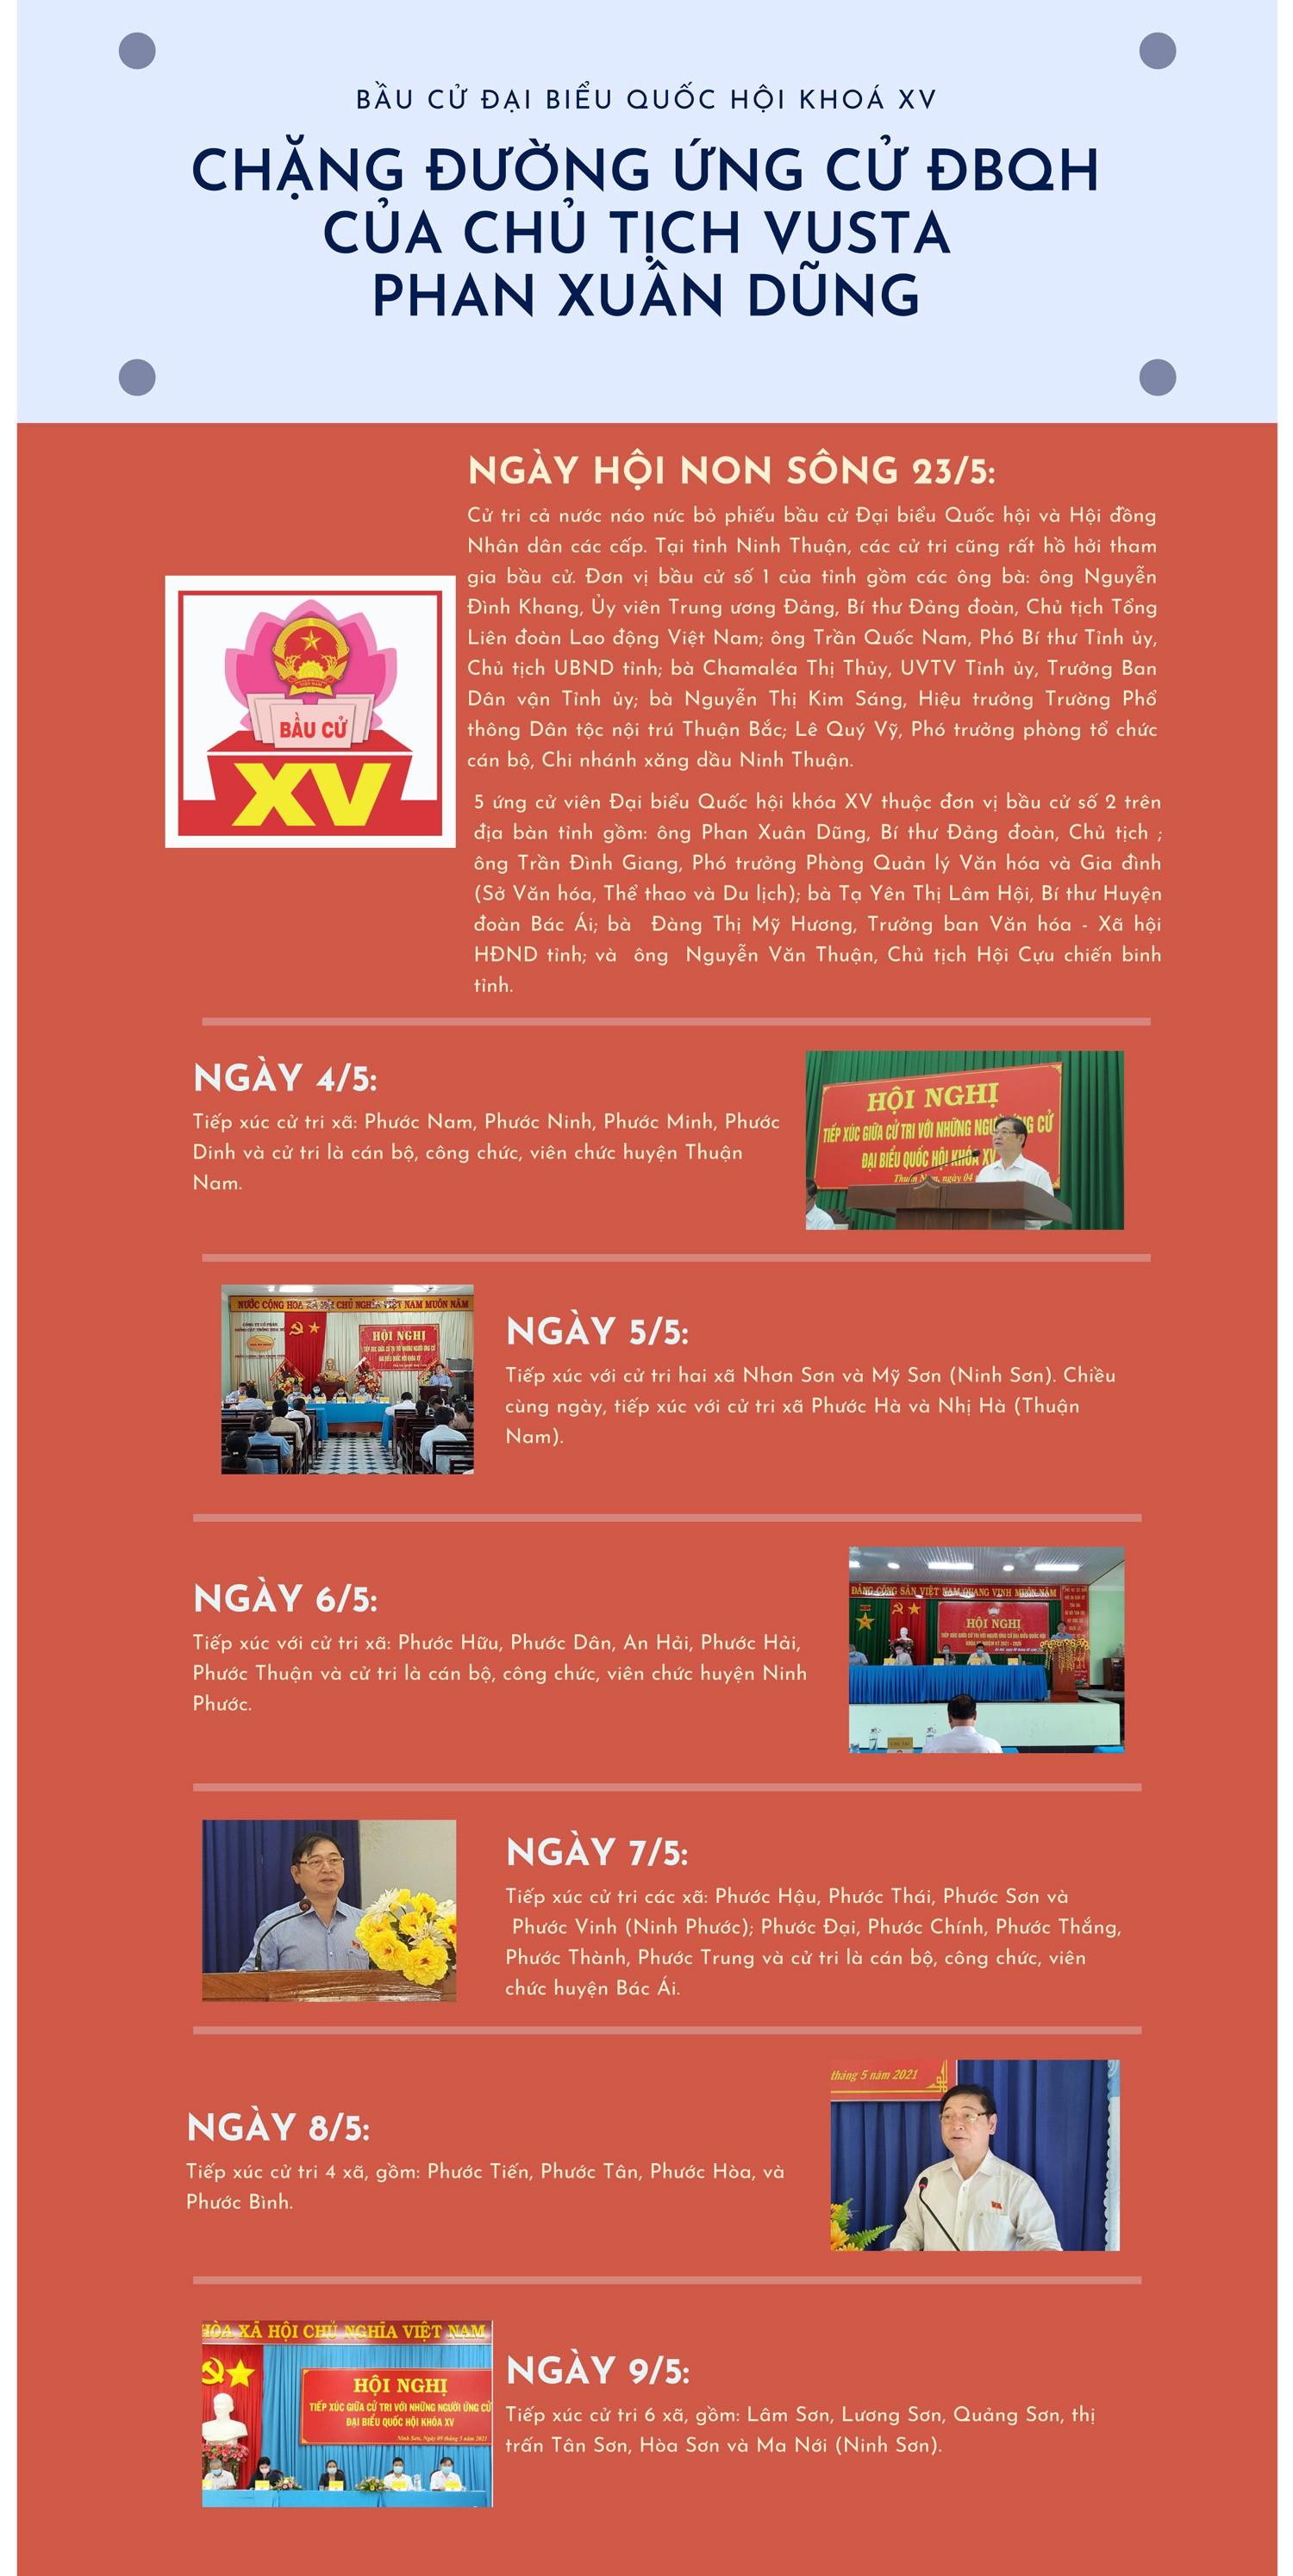 [Infographic] Chang duong ung cu DBQH cua Chu tich VUSTA  Phan Xuan Dung